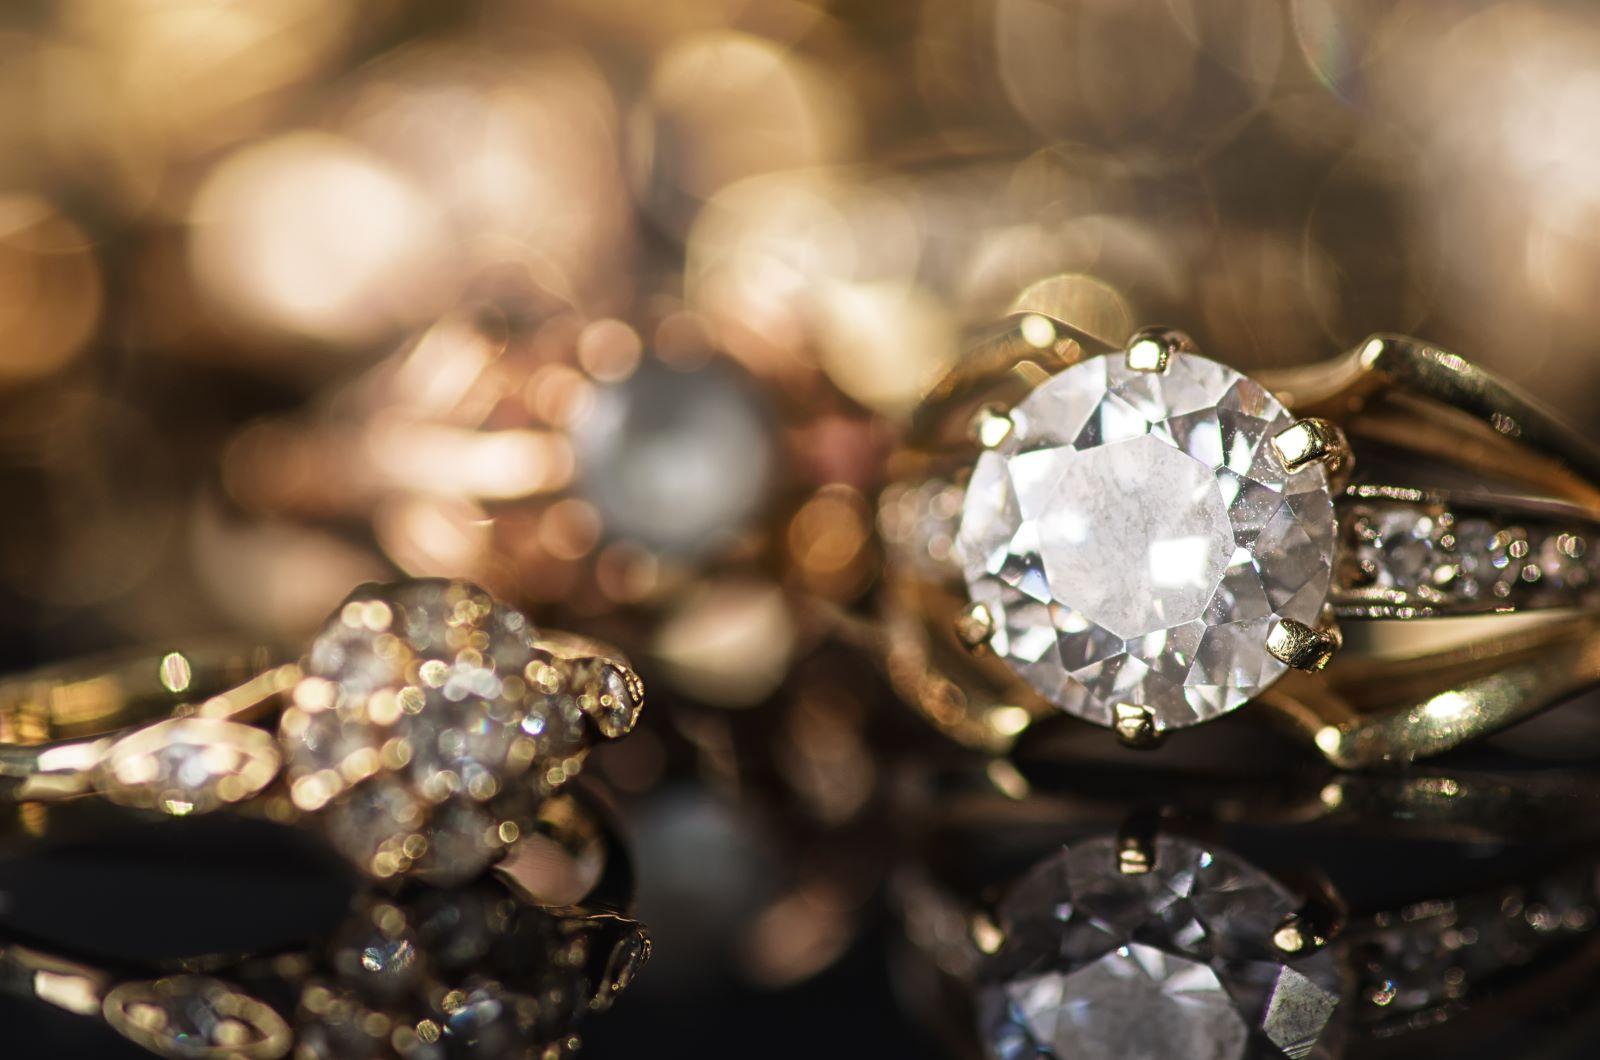 Verschiedene Goldringe mit Diamanten auf schwarzem Untergrund